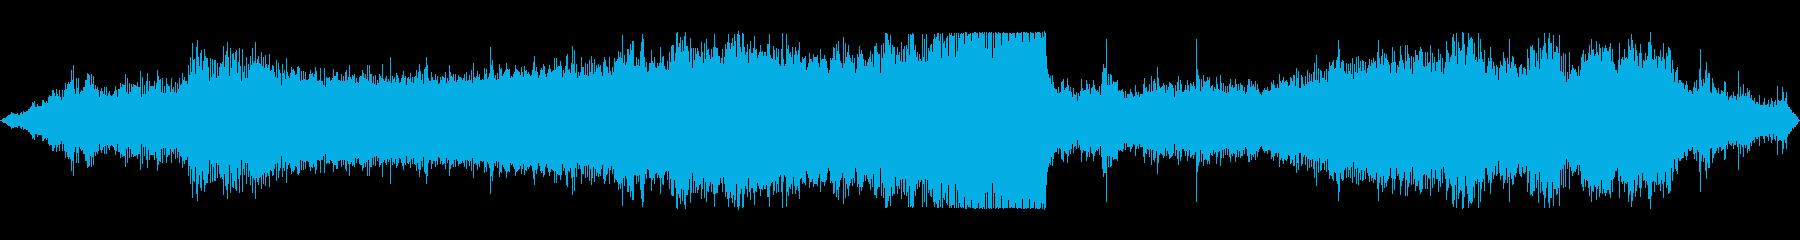 ディーゼルカーの走行音 エンジン音の再生済みの波形